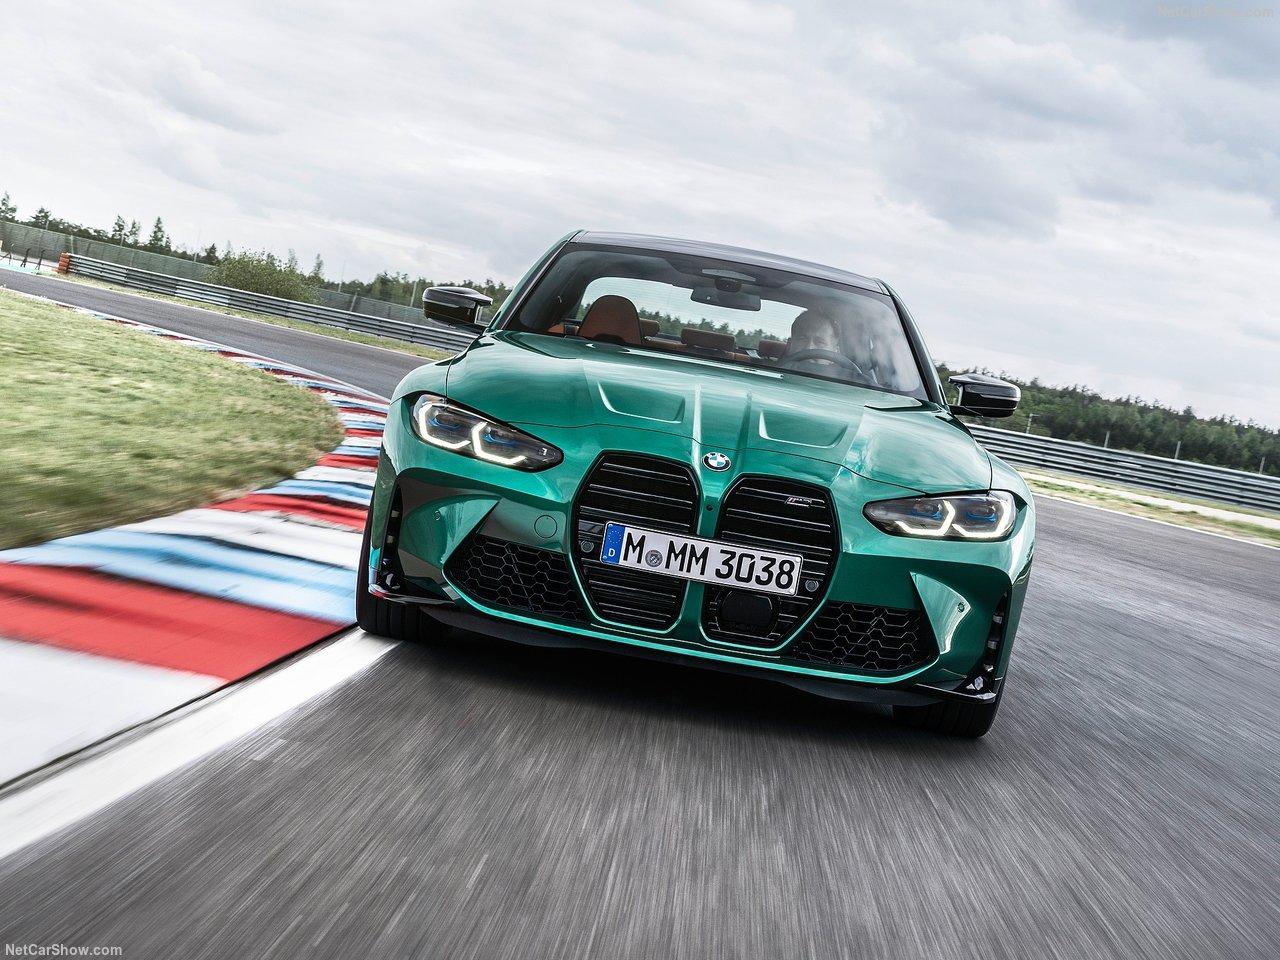 СВЕТОВНА ПРЕМИЕРА: Новото BMW M4 Coupe (G82) - по-ръбесто и по-бързо от преди!